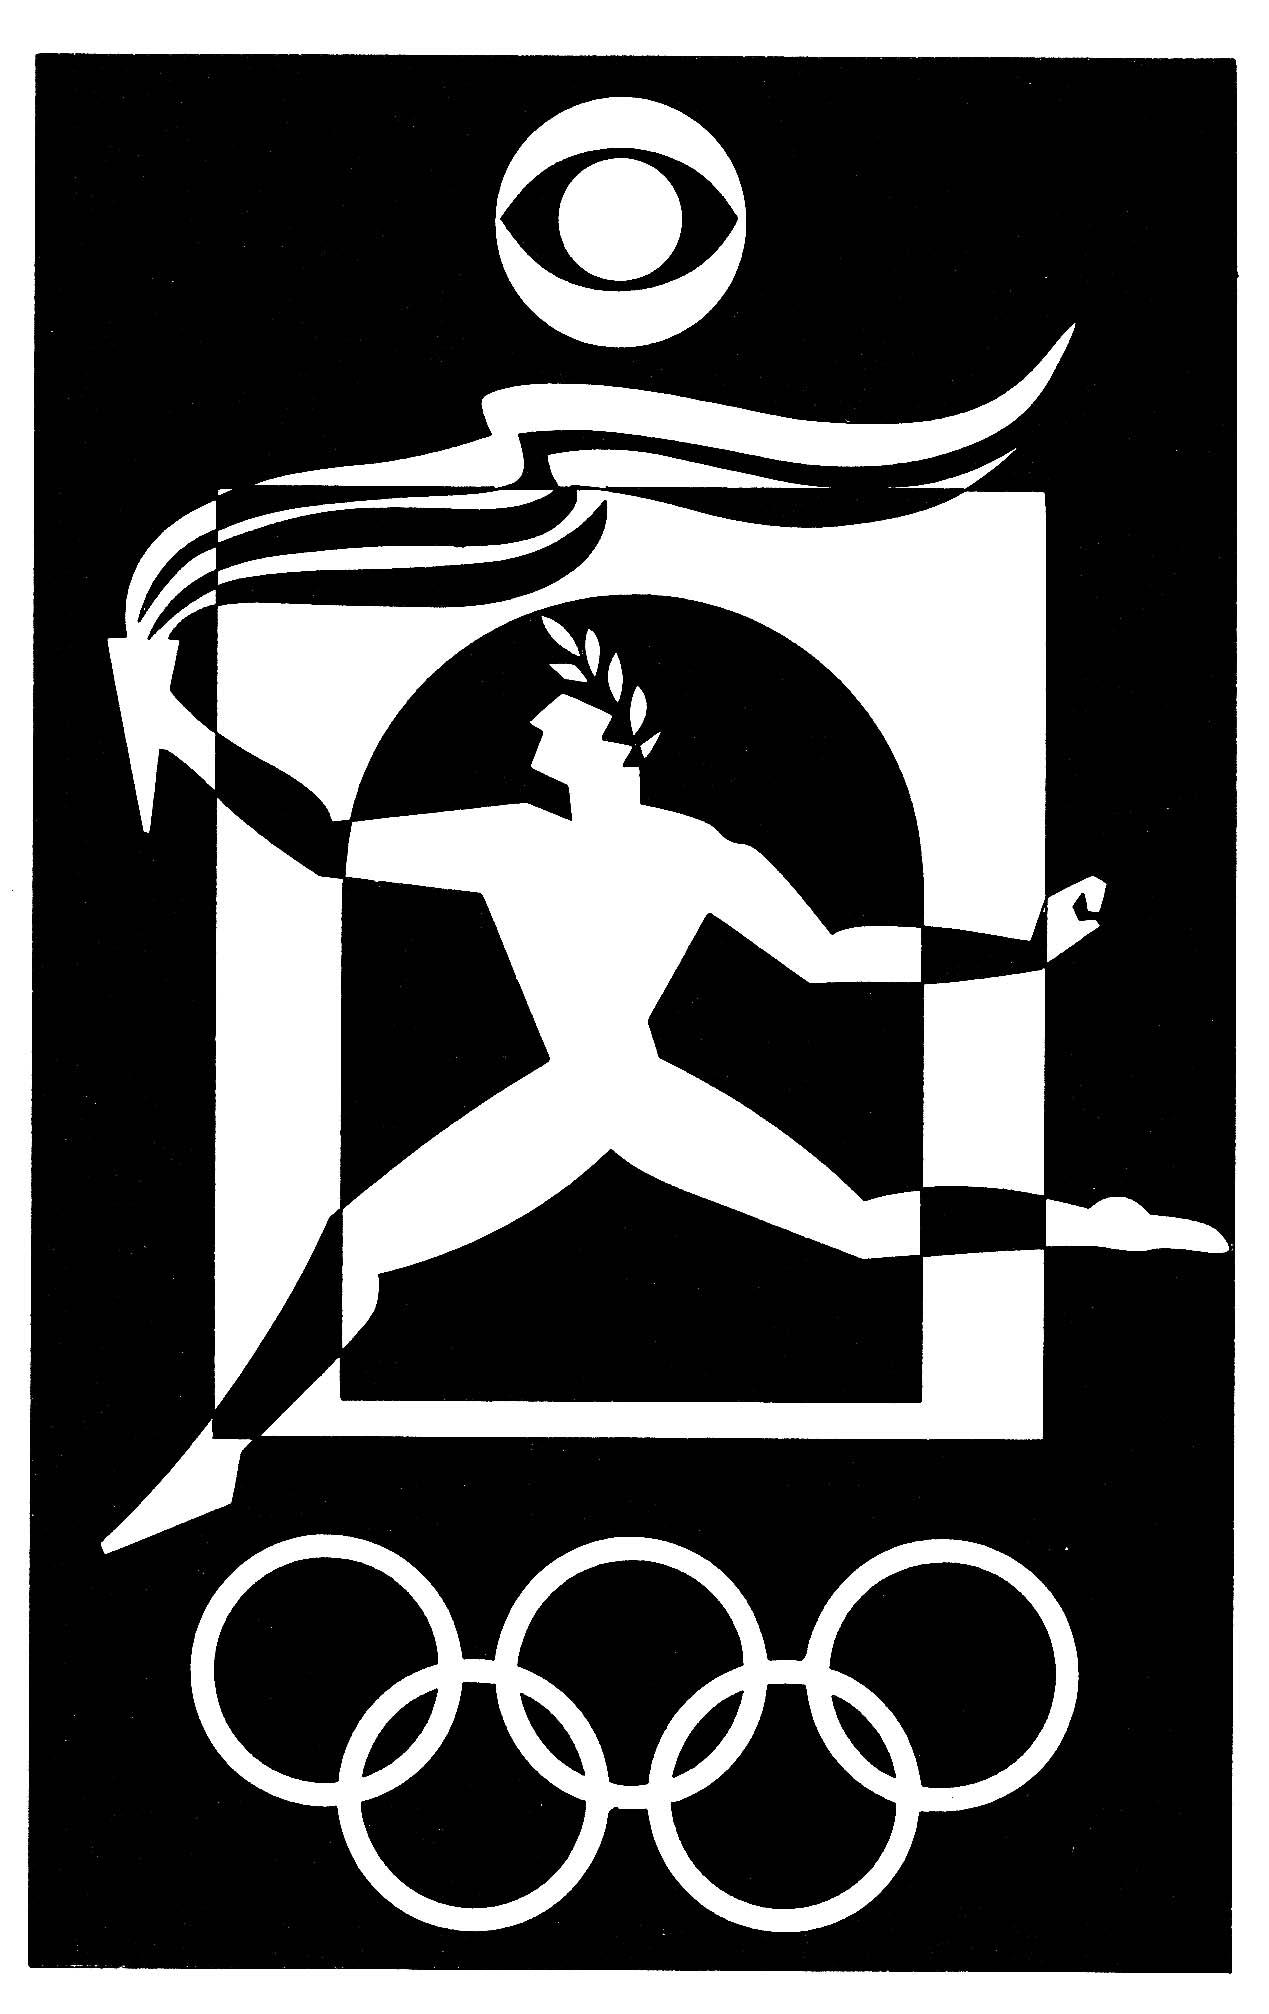 CBS_Olympics Logo